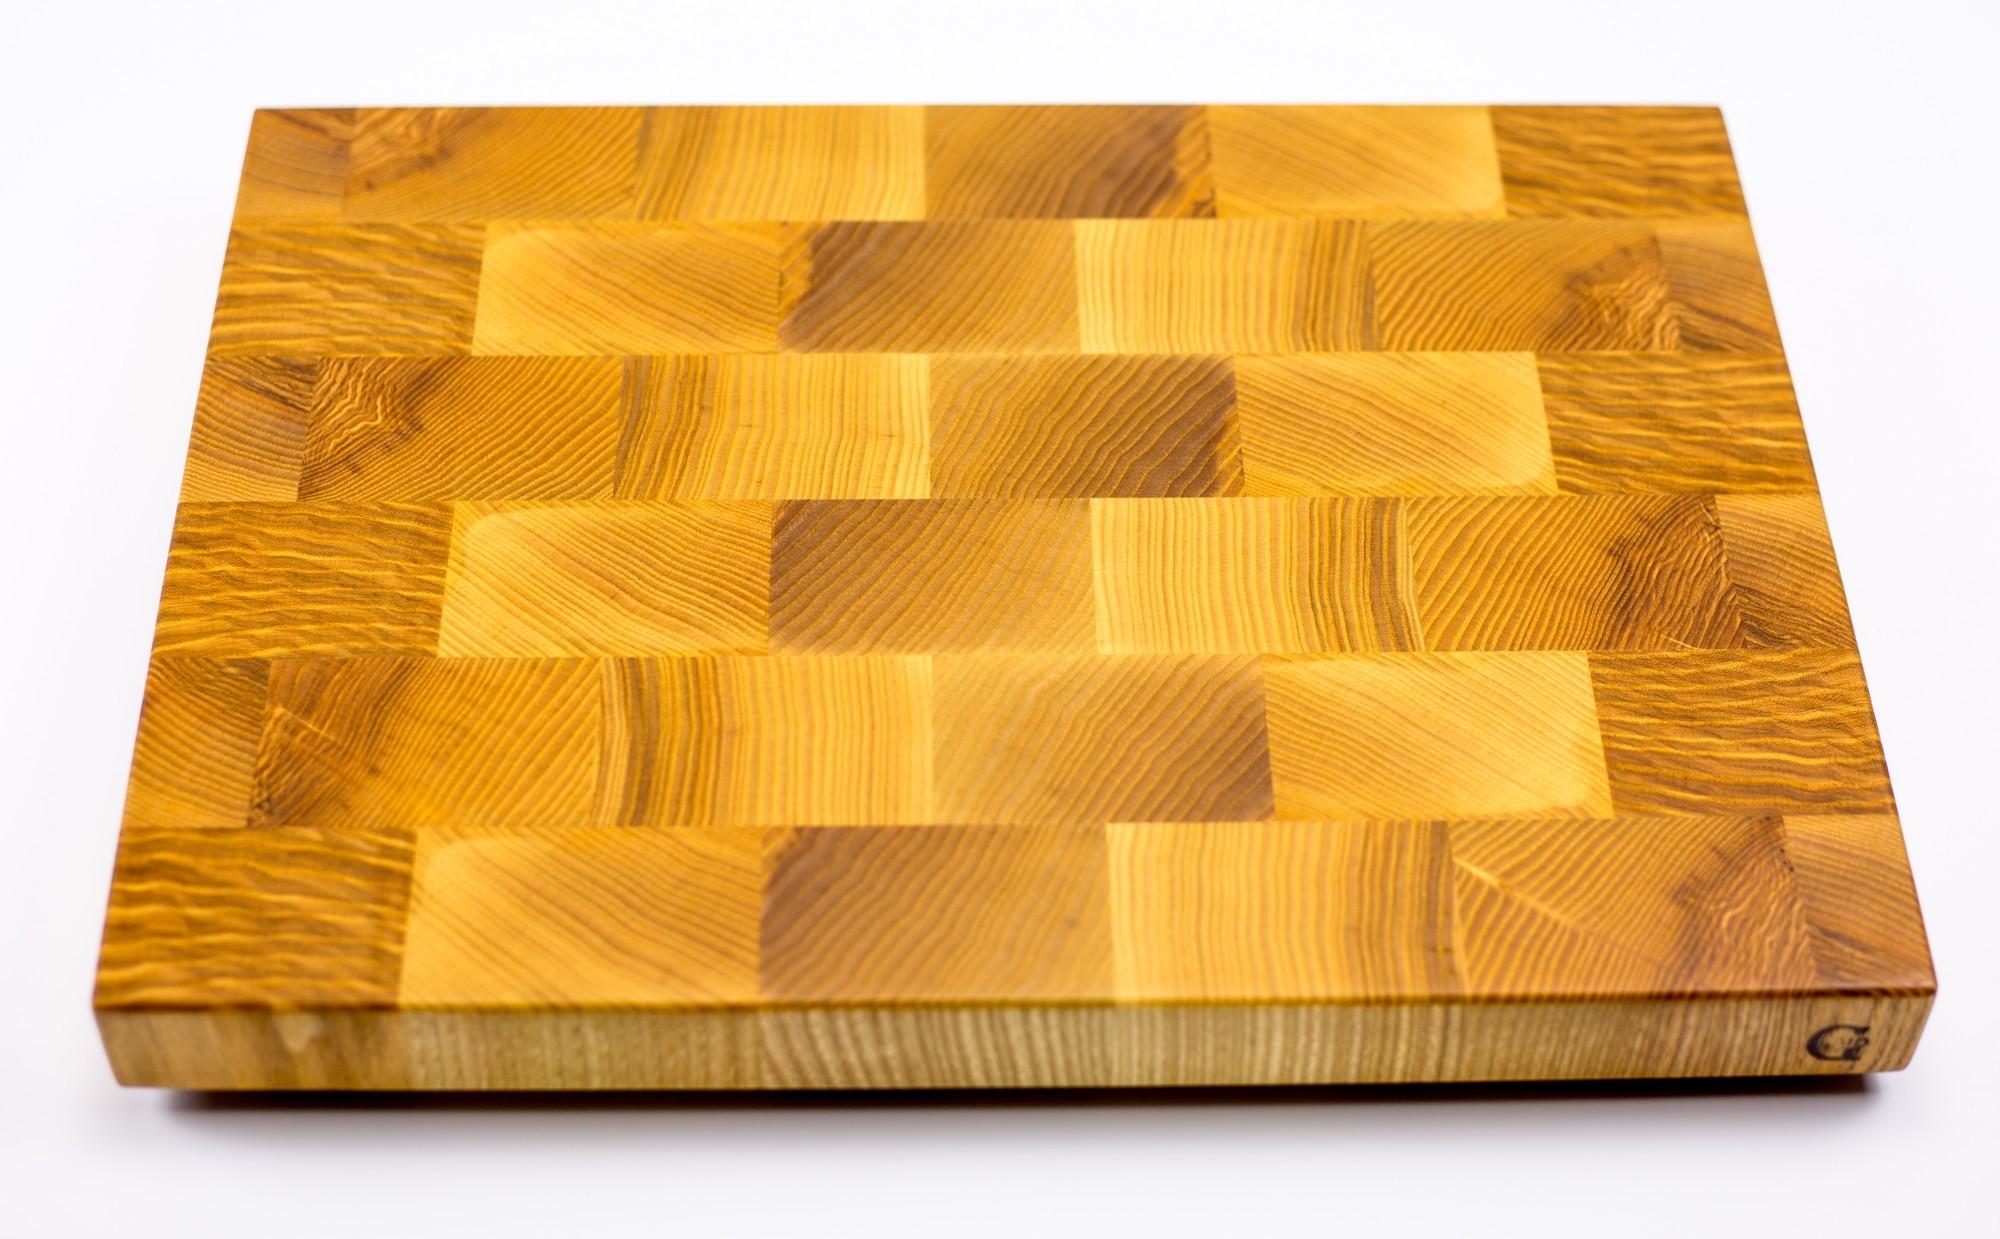 Доска разделочная торцевая, ясень, 27х37х3 смРазделочные доски для кухни<br>Они изготавливаются из лиственных пород древесины, таких как сапеле, дуб, американский орех, ясень, падук, граб, клен, палисандр, венге, груша.<br>Технология их изготовления достаточно сложна. Волокна разделочных досок расположены перпендикулярно плоскости резания. Это позволяет в значительной степени защитить доски от следов ножа, при этом нож намного меньше тупится, что по достоинству смогут оценить коллекционеры ножей.<br>Торцевые разделочные доски склеиваются на водостойкий клей Titebond III Ultimate Wood Glue. Этот клей используется для производства элементов, которые соприкасаются и контактируют с продуктами питания. Все поверхности досок обрабатываются льняным маслом и пчелиным воском для заполнения открытых пор и микротрещин. В зависимости от размера, разделочных досках, для удобства пользования, предусмотрены ручки с боков, канавки для сбора жидкости и опорные ножки. Рекомендации по уходу за разделочными досками<br>Для того, чтобы разделочная доска служила долго и исправно, советуем соблюдать некоторые правила ухода за ней:<br>По окончании работы доску следует вымыть теплой водой и протереть. Нельзя надолго оставлять разделочную доску в мокром виде, или погруженную в воду. Хранить доску необходимо вдали от раковины и плиты.<br>Разделочную доску нельзя сушить в духовом шкафу или микроволновой печи, она должна сохнуть в обычных условиях. Нельзя использовать разделочную доску в качестве крышки для кастрюли или сковороды (от горячего пара доска может лопнуть).<br>Нельзя использовать разделочную доску как подставку под горячее. Нельзя выкладывать на доску горячие, сочащиеся соком, продукты. Разделочную доску для обновления покрытия можно протирать пропиткой (отломить кусочек, растереть по поверхности и оставить на пару часов сохнуть)или льняным маслом (по желанию, или по мере изменения цвета, или раз в месяц).<br>Если вы решили протереть доску маслом, то рекомендуем после этой процедуры 